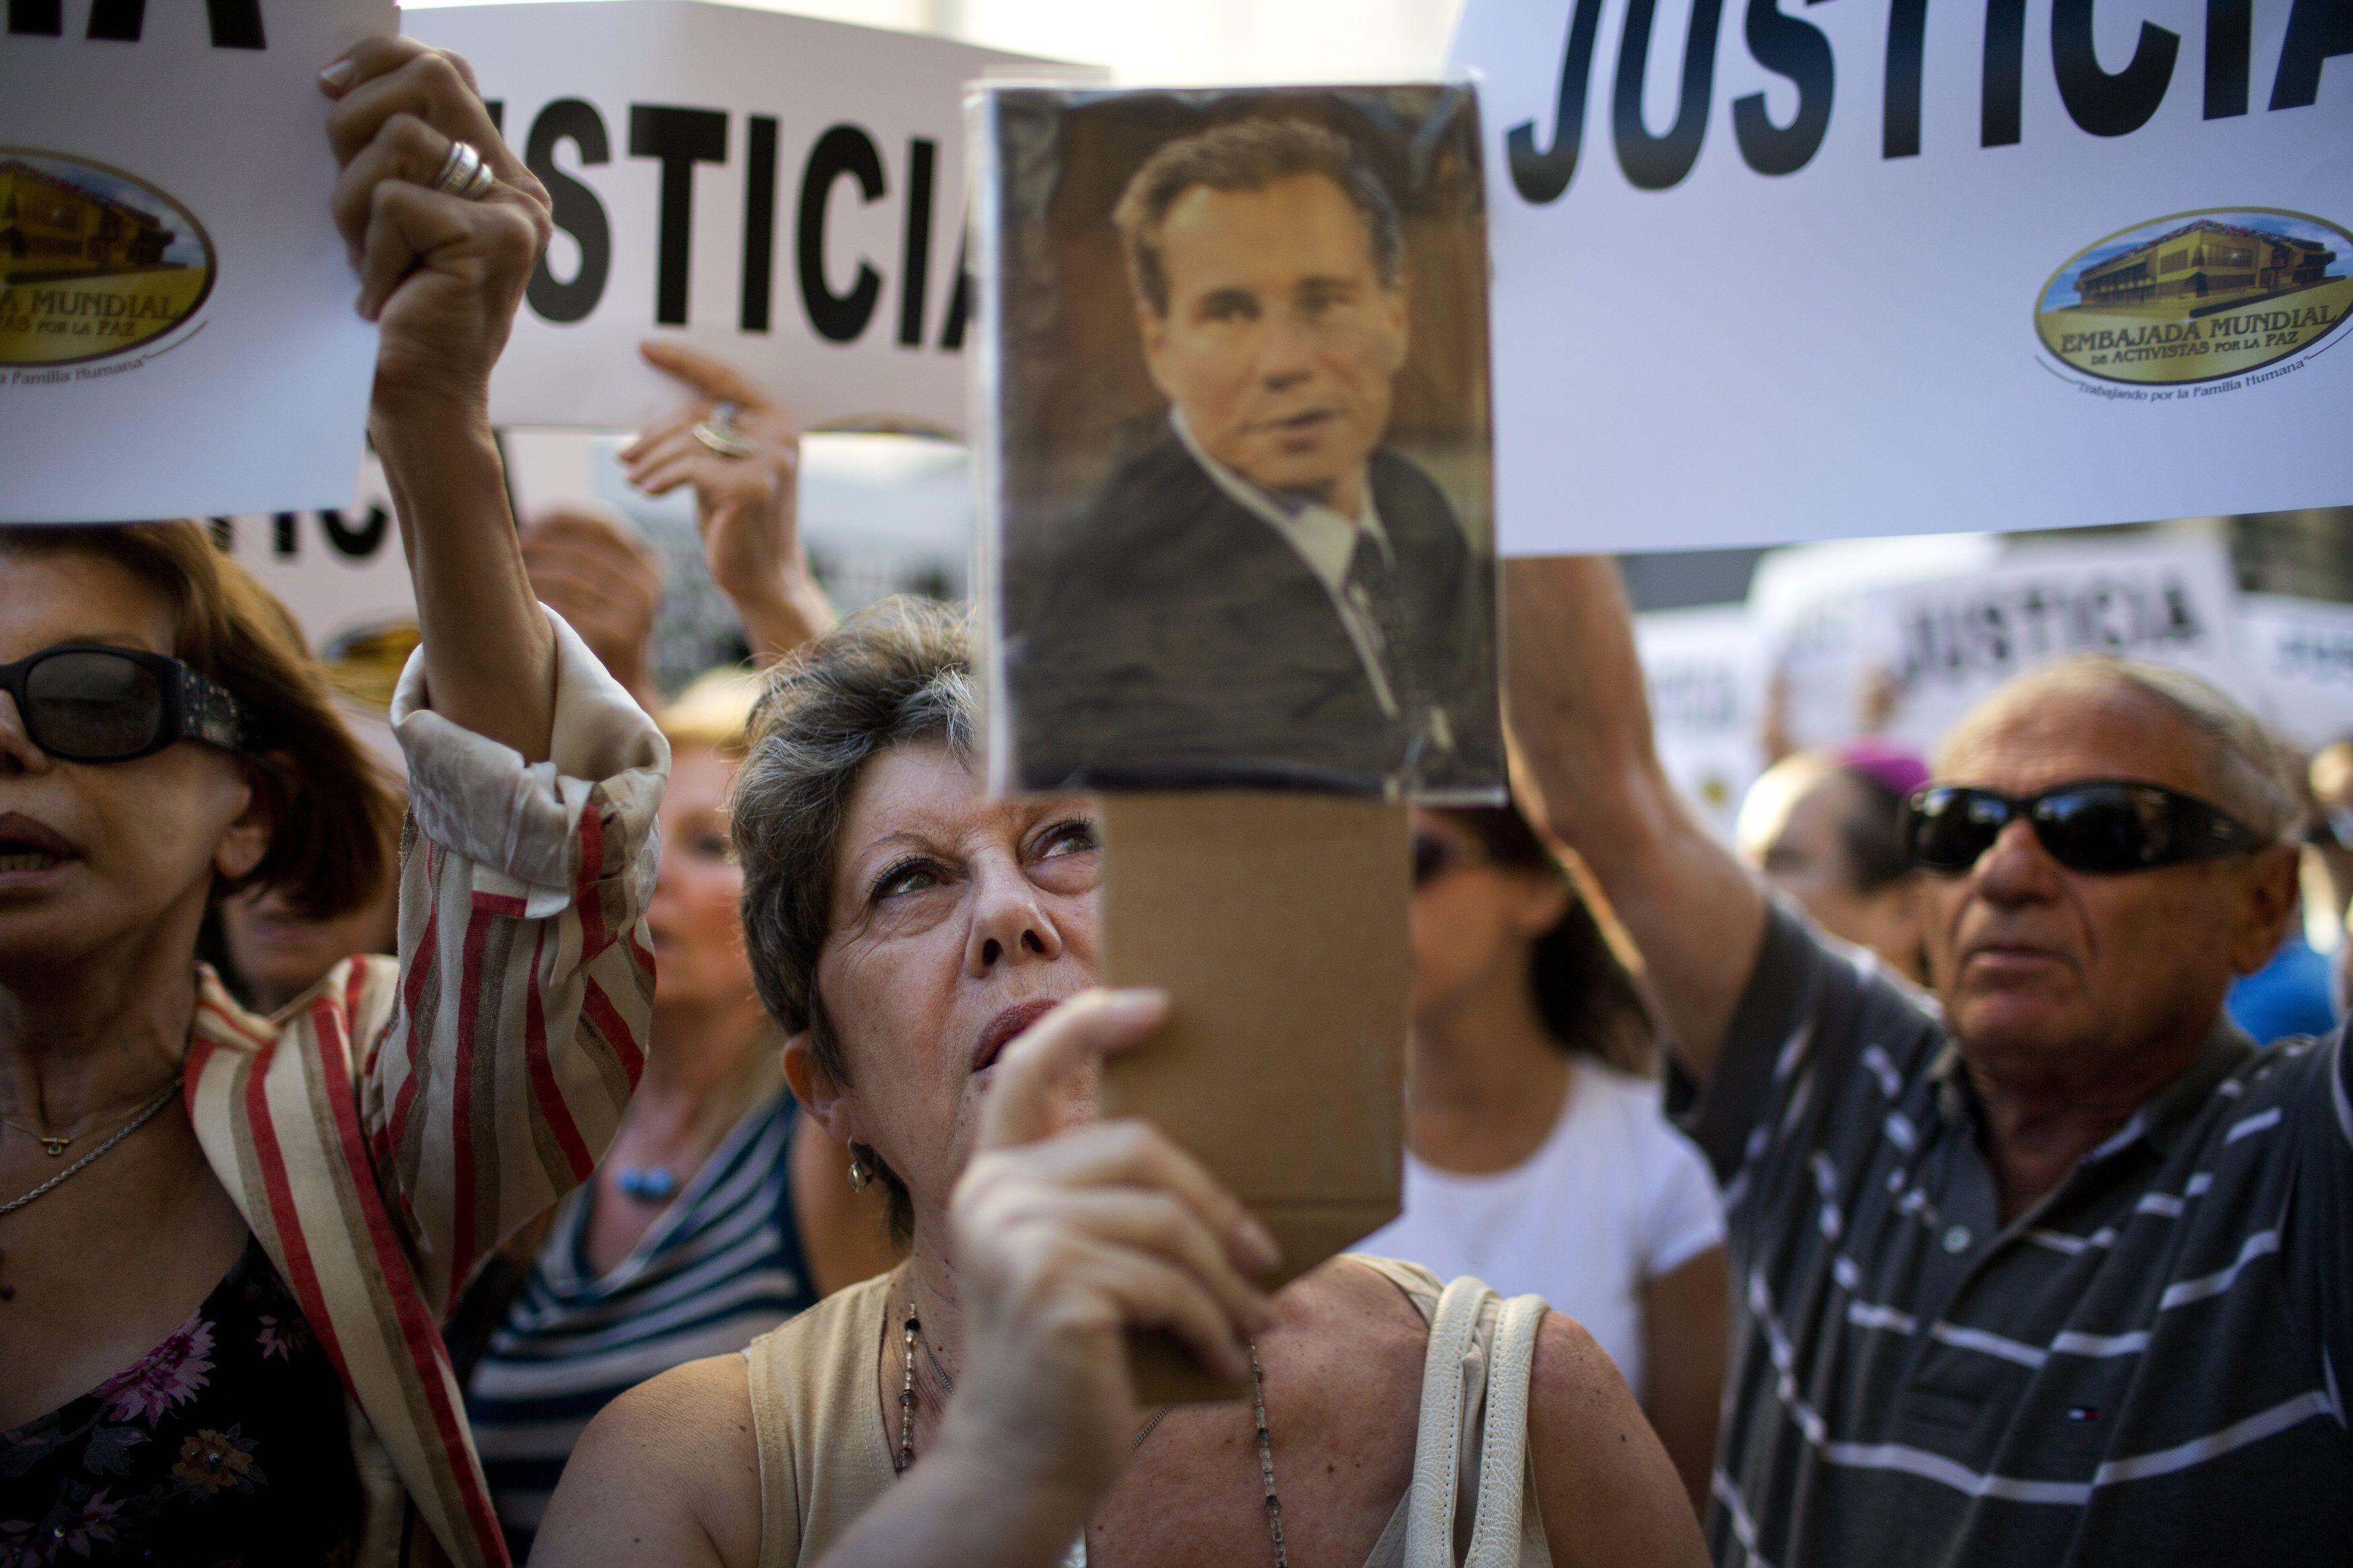 Solamente el 18 por ciento de los entrevistados consideró no creíble la denuncia presentada por Nisman.